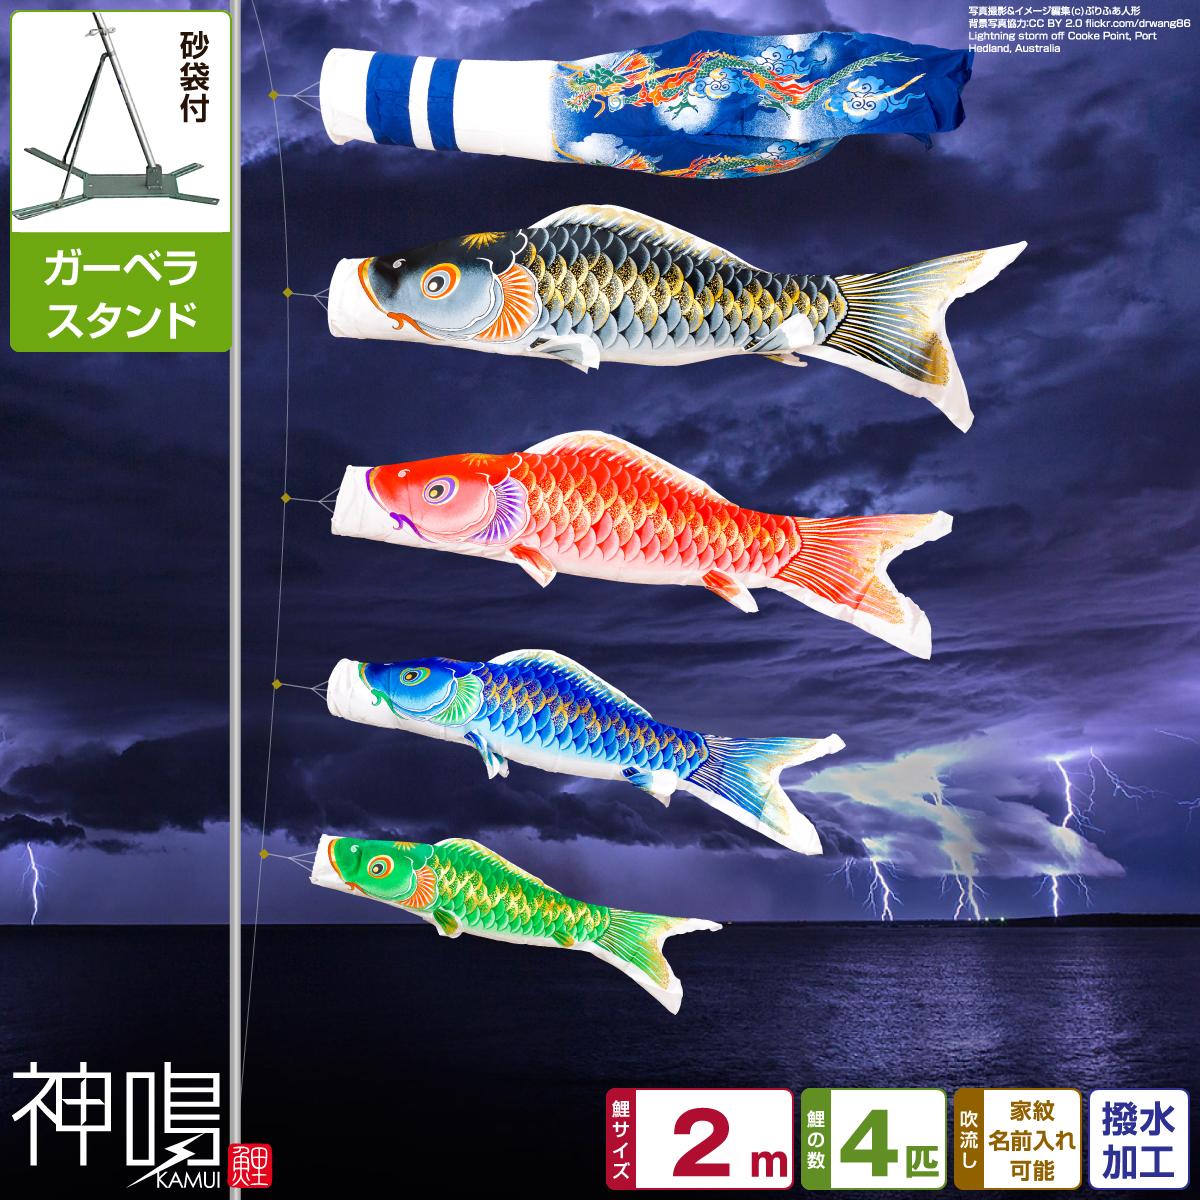 鯉のぼり ベランダ/庭/兼用 神鳴鯉-KAMUI- 2m 7点(吹流し+鯉4匹+矢車+ロープ)/ガーベラセット(庭・ベランダ兼用スタンド)